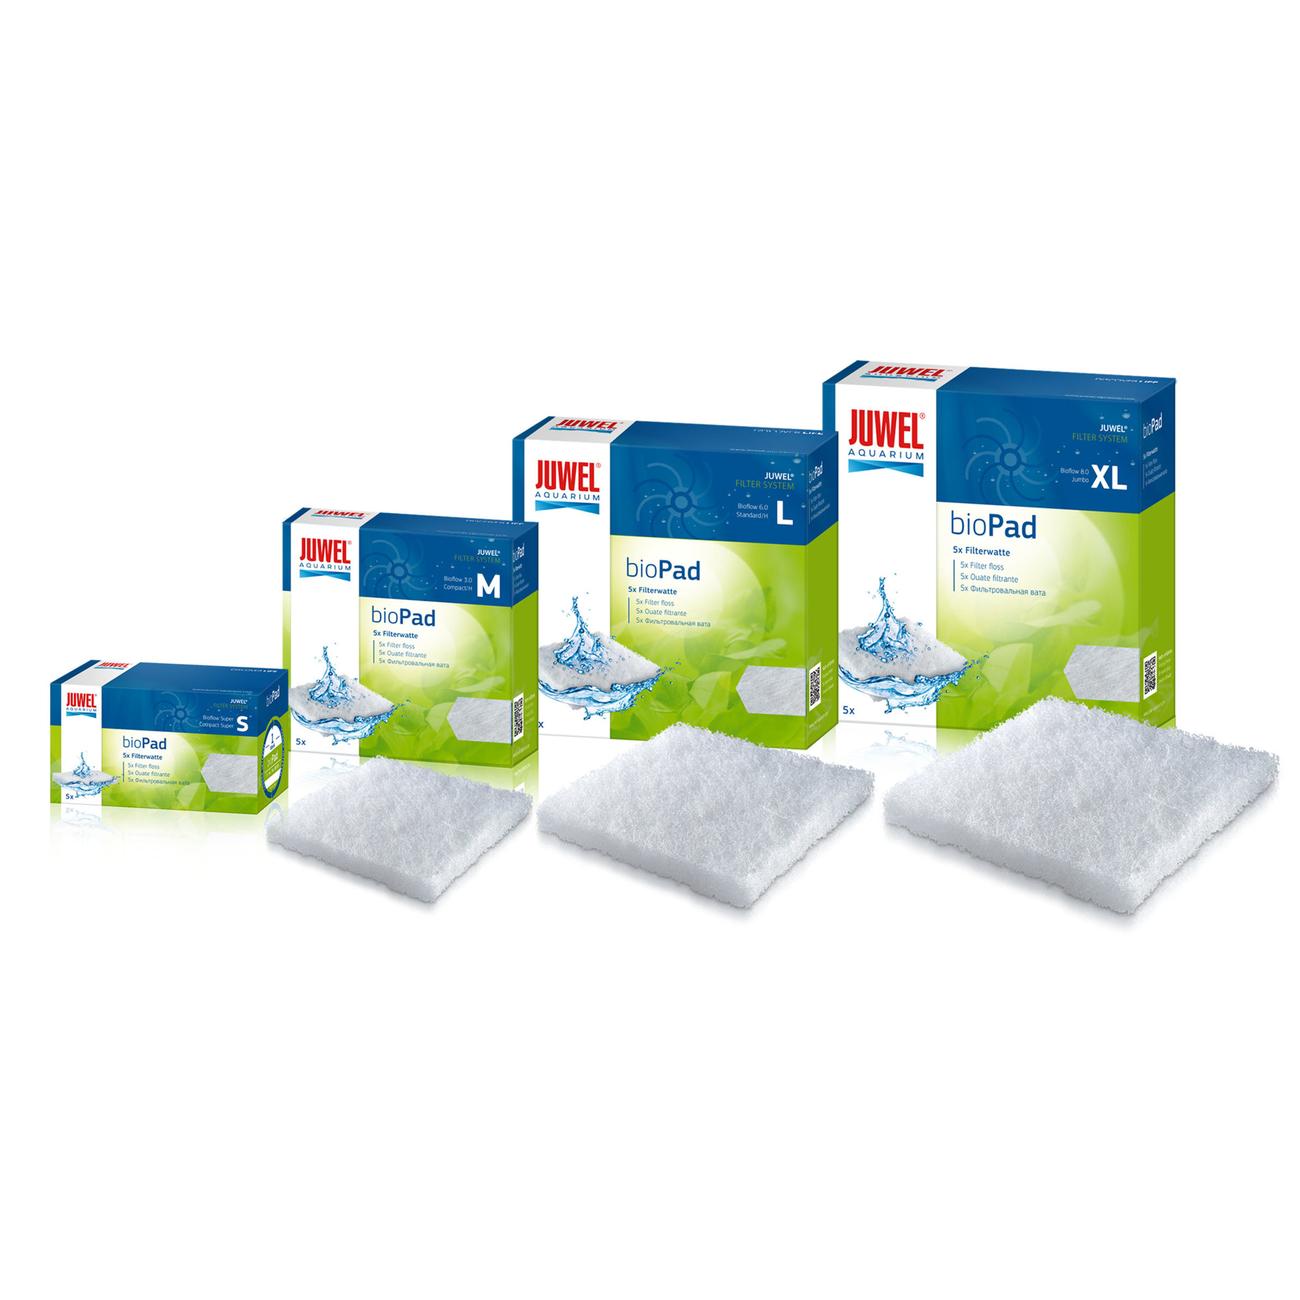 Juwel JUWEL Filterwatte bioPad